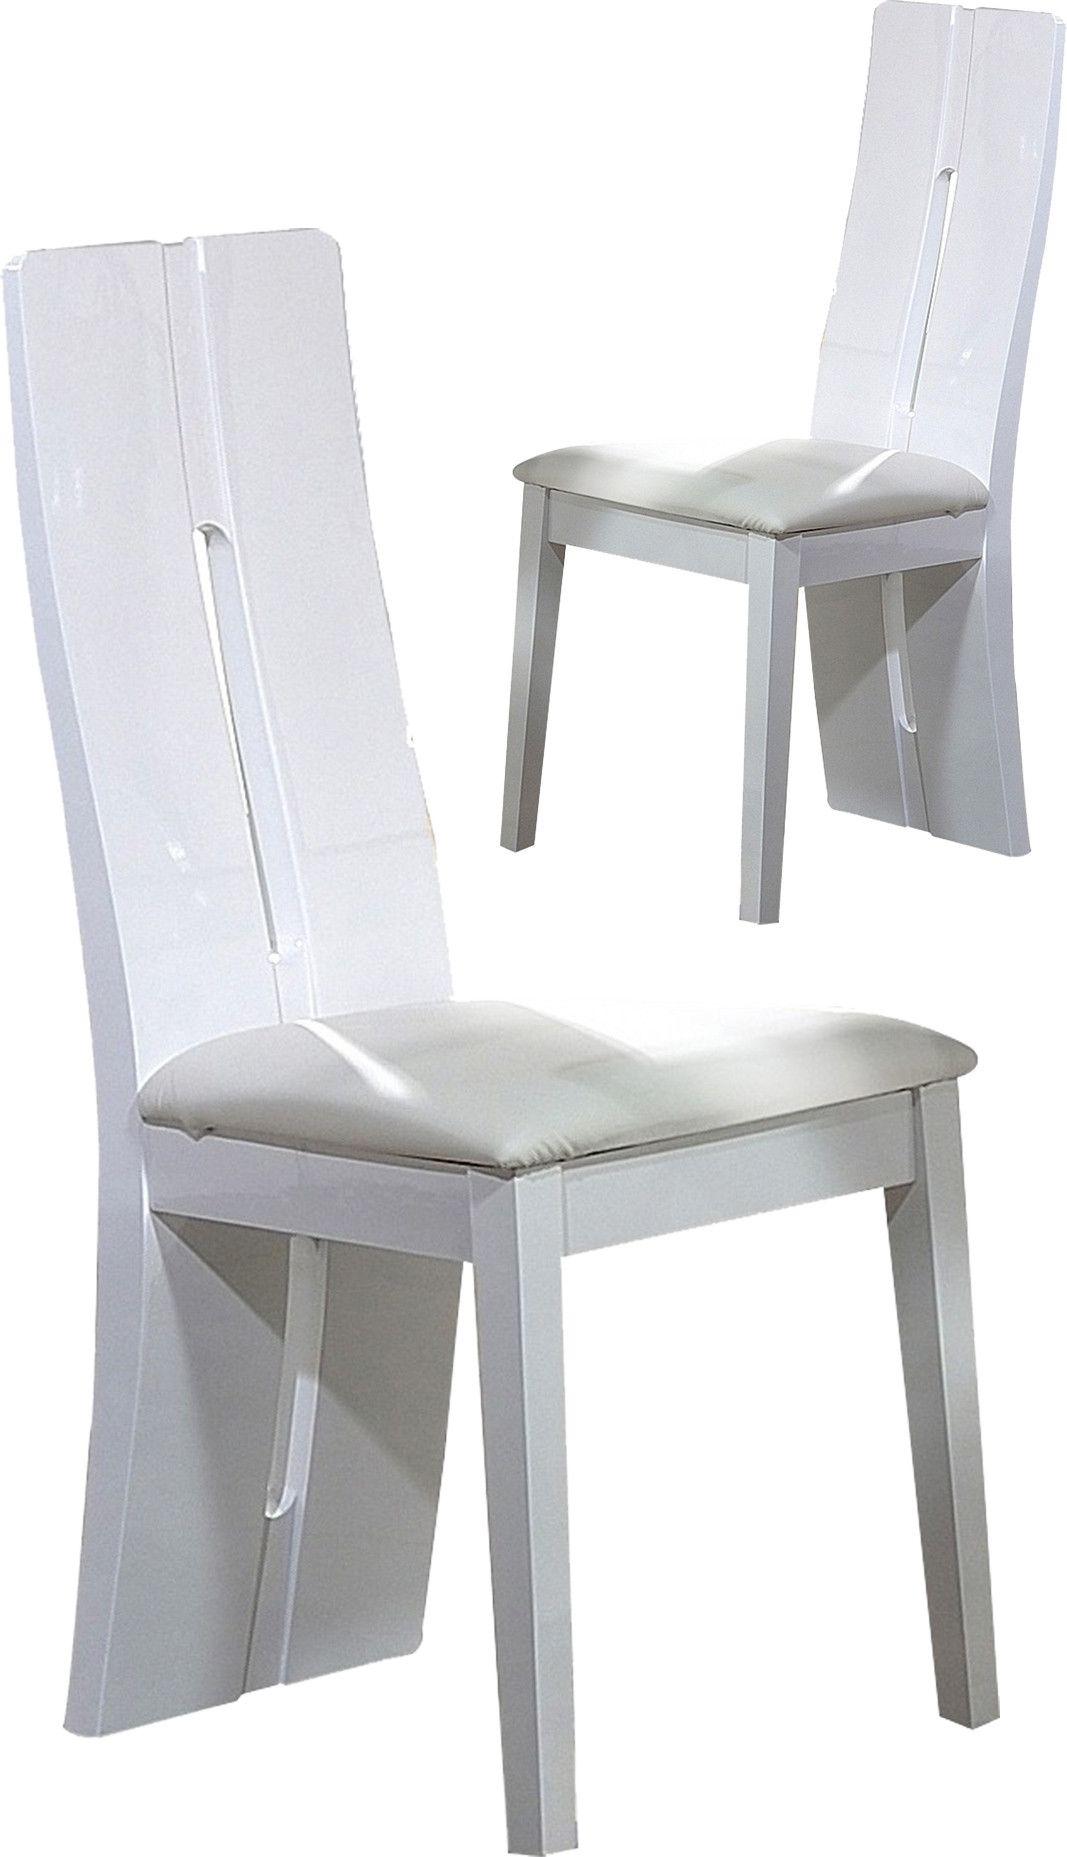 Lot De 2 Chaises Design Blanc Laque Chaises De Salle A Manger Design Chaise Design Chaise De Salle A Manger